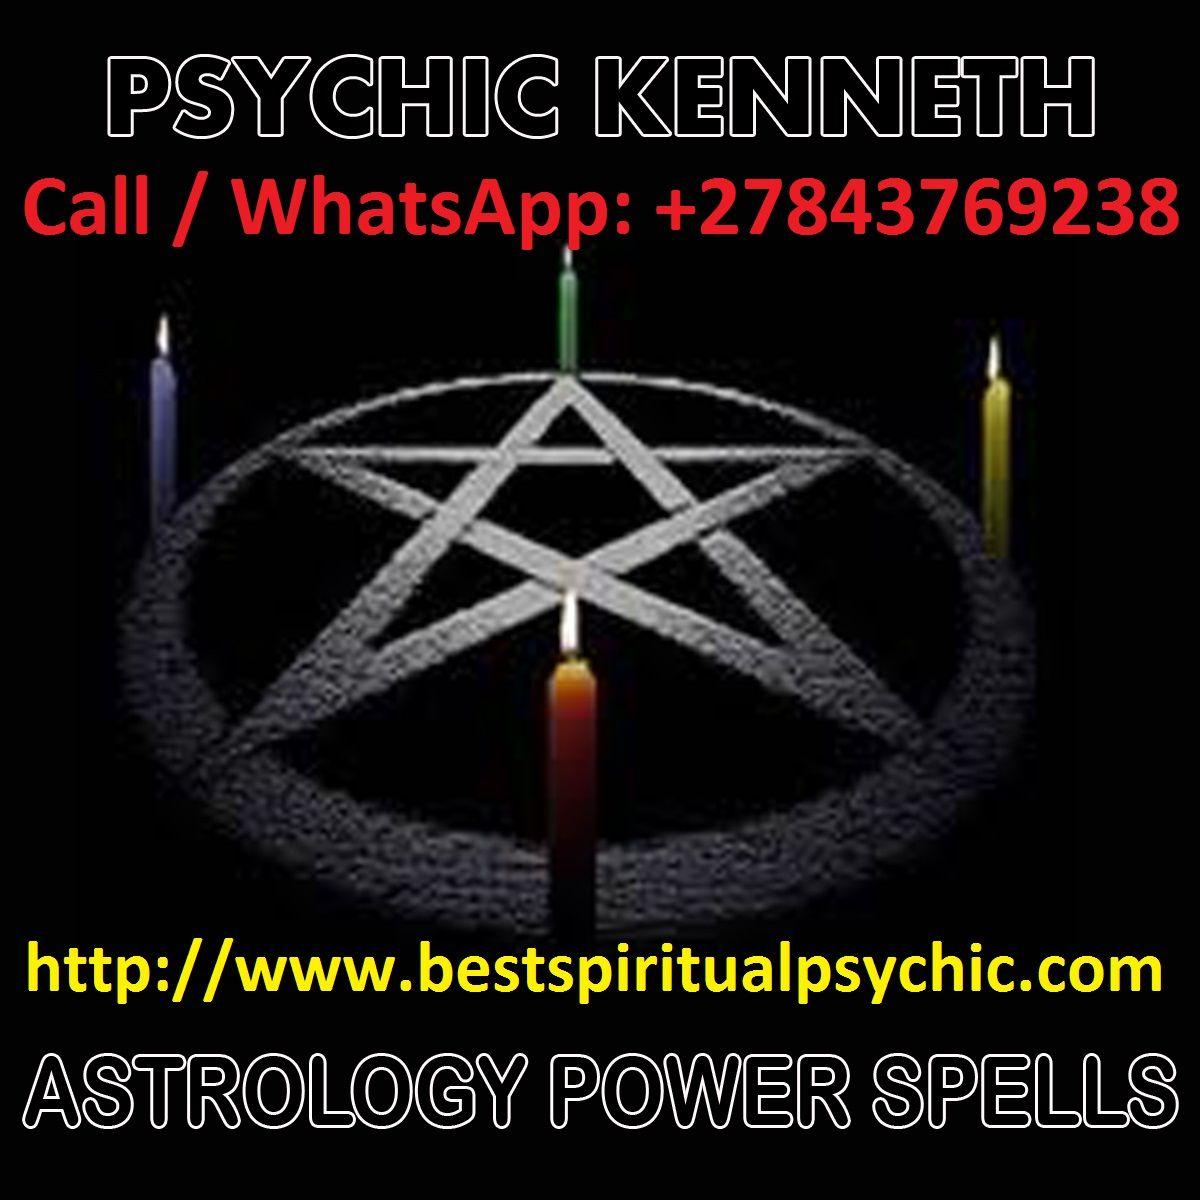 Online Spiritual Healer, Call Healer / WhatsApp